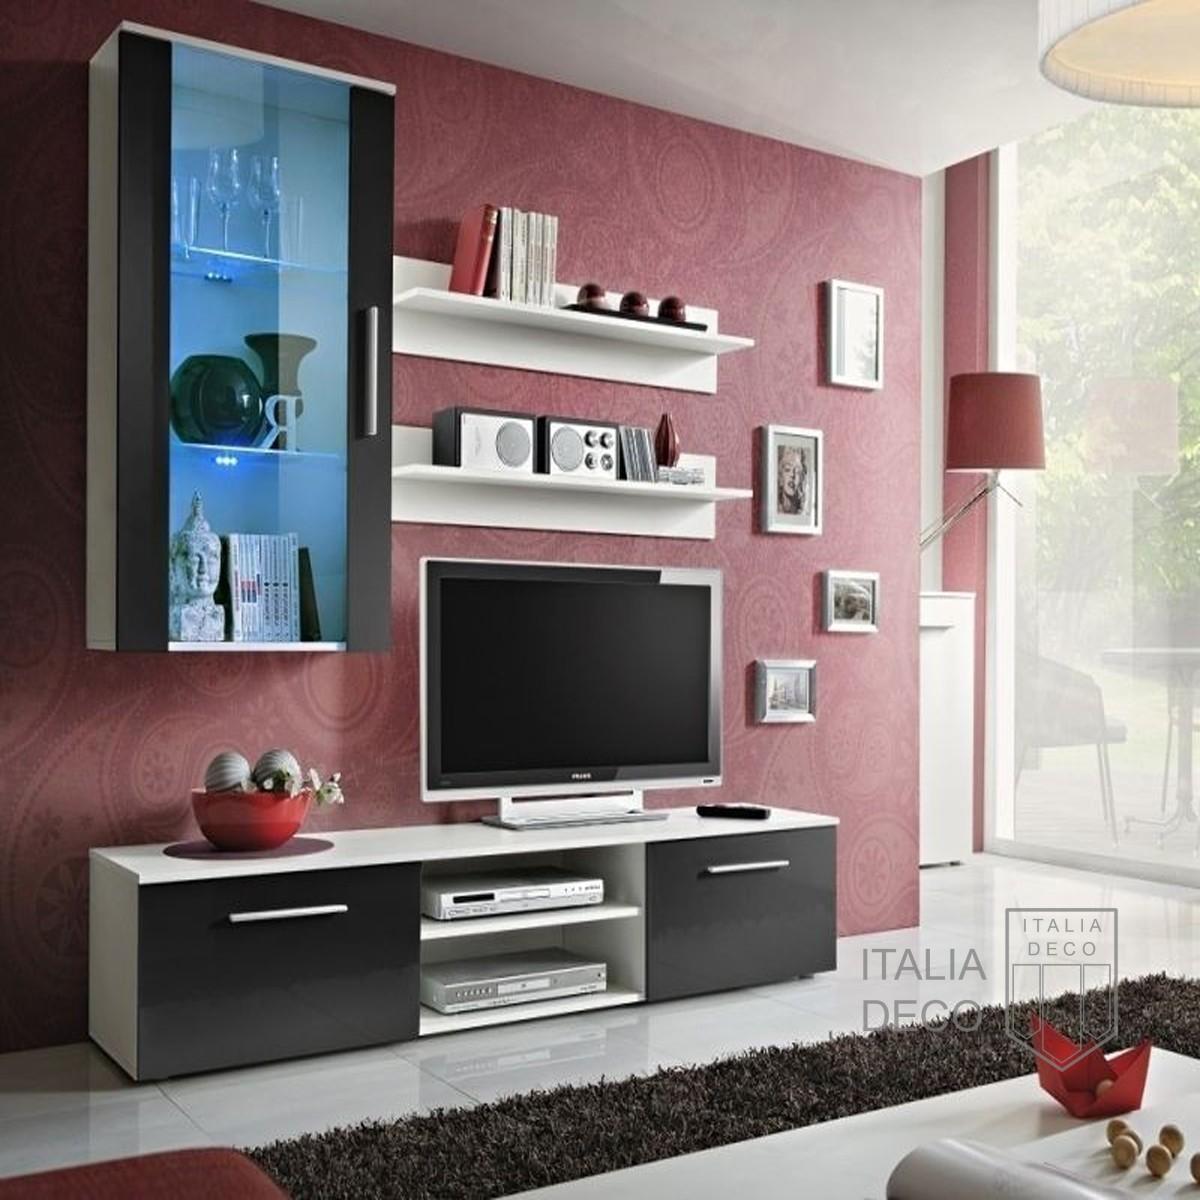 Modular para tv lcd vajillero trento italia deco for Mueble moderno para tv